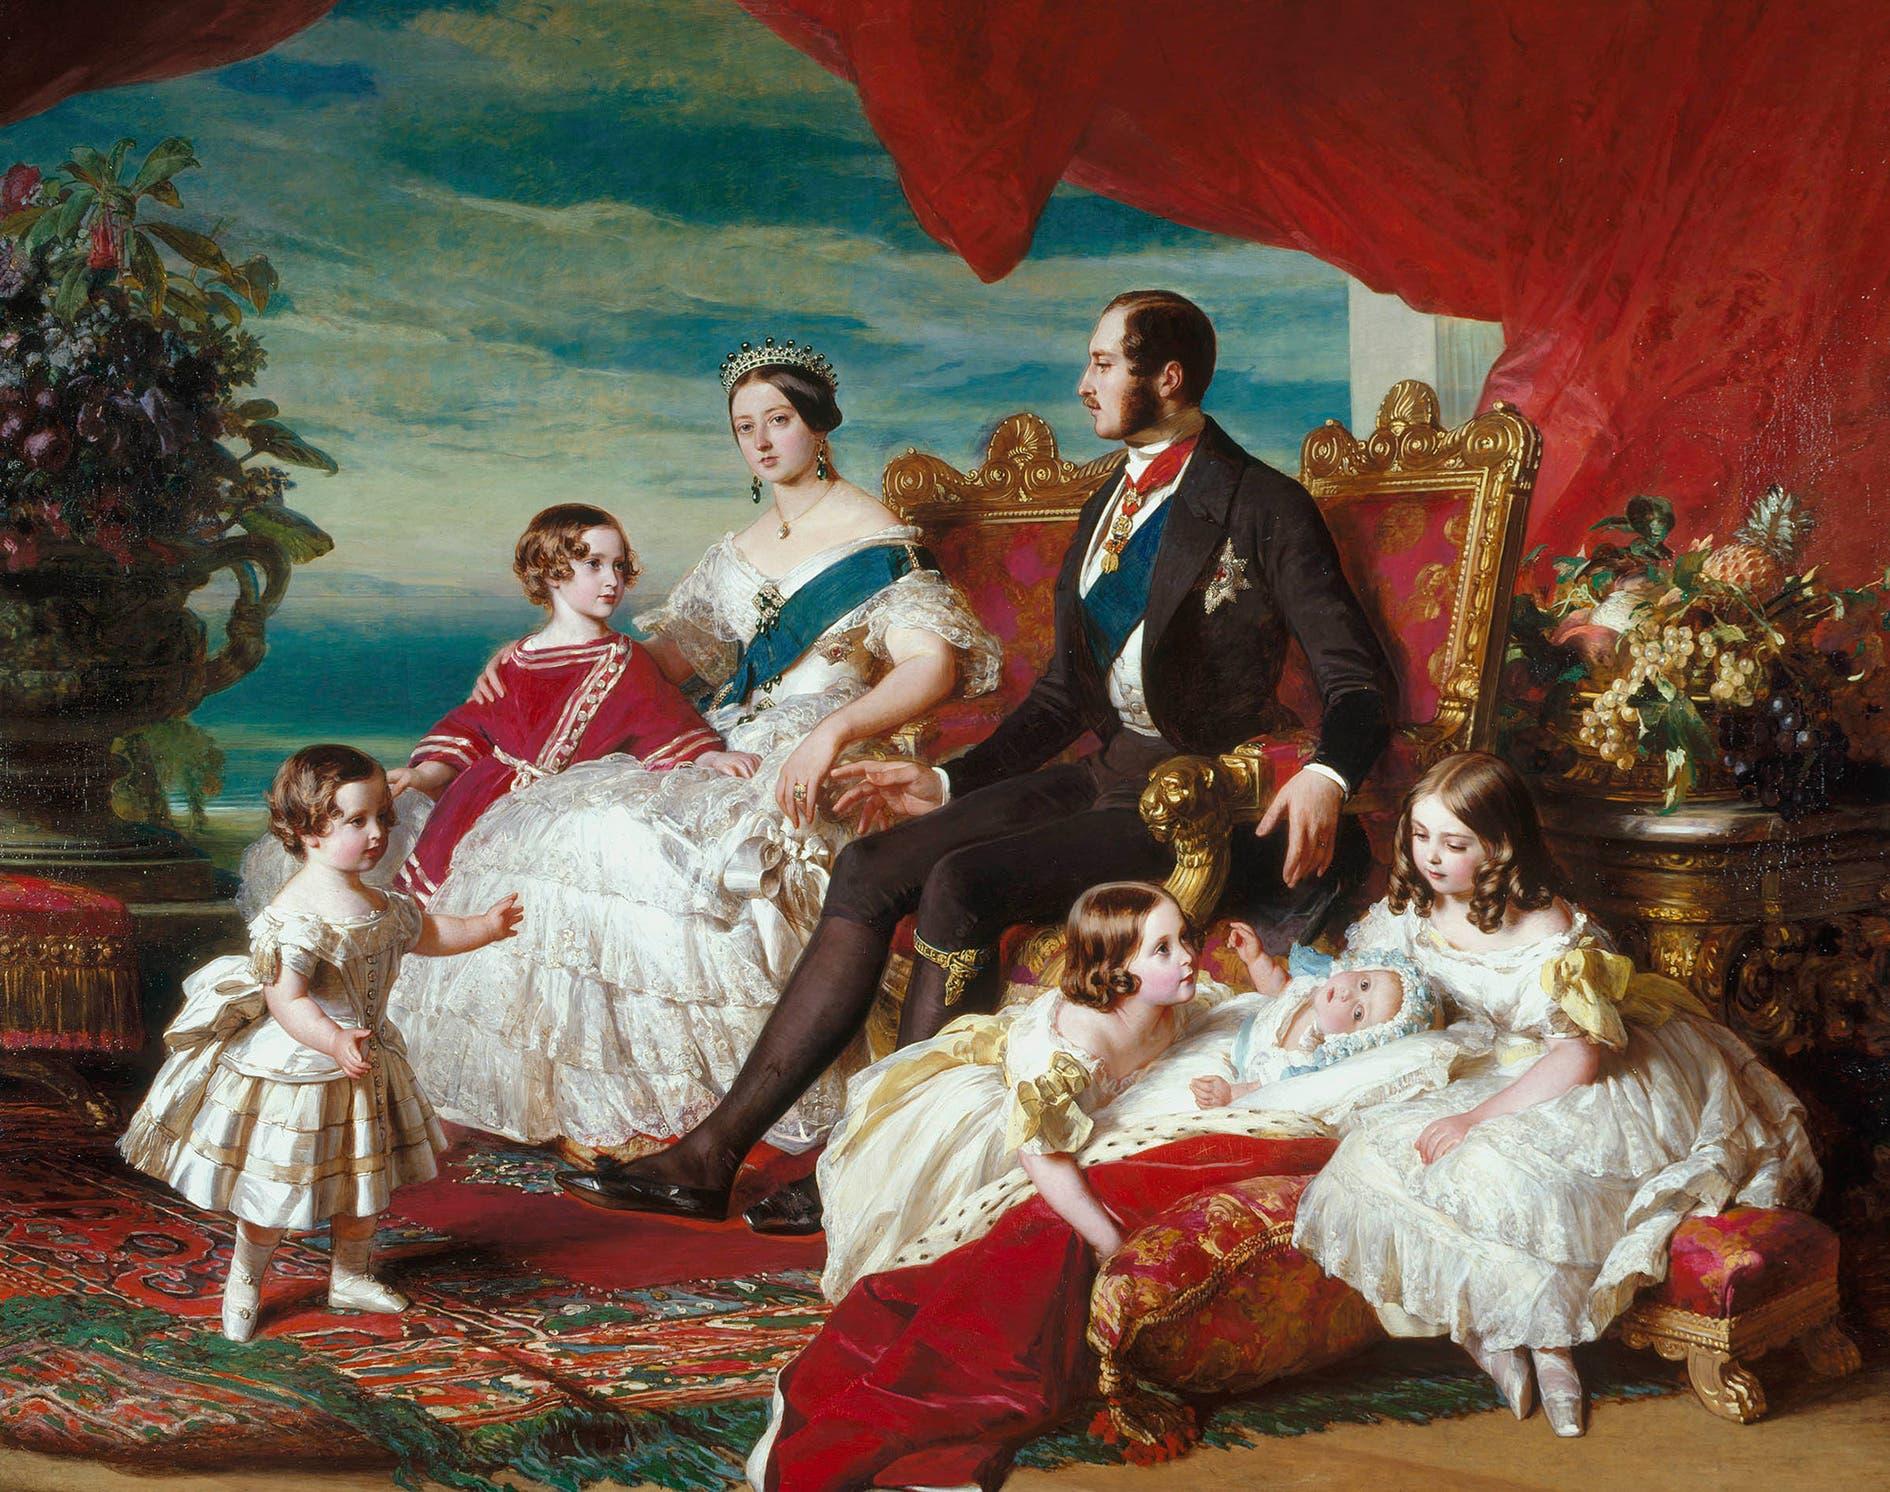 لوحة تجسد الملكة فكتوريا محاطة بزوجها الأمير ألبرت وعدد من أطفالها